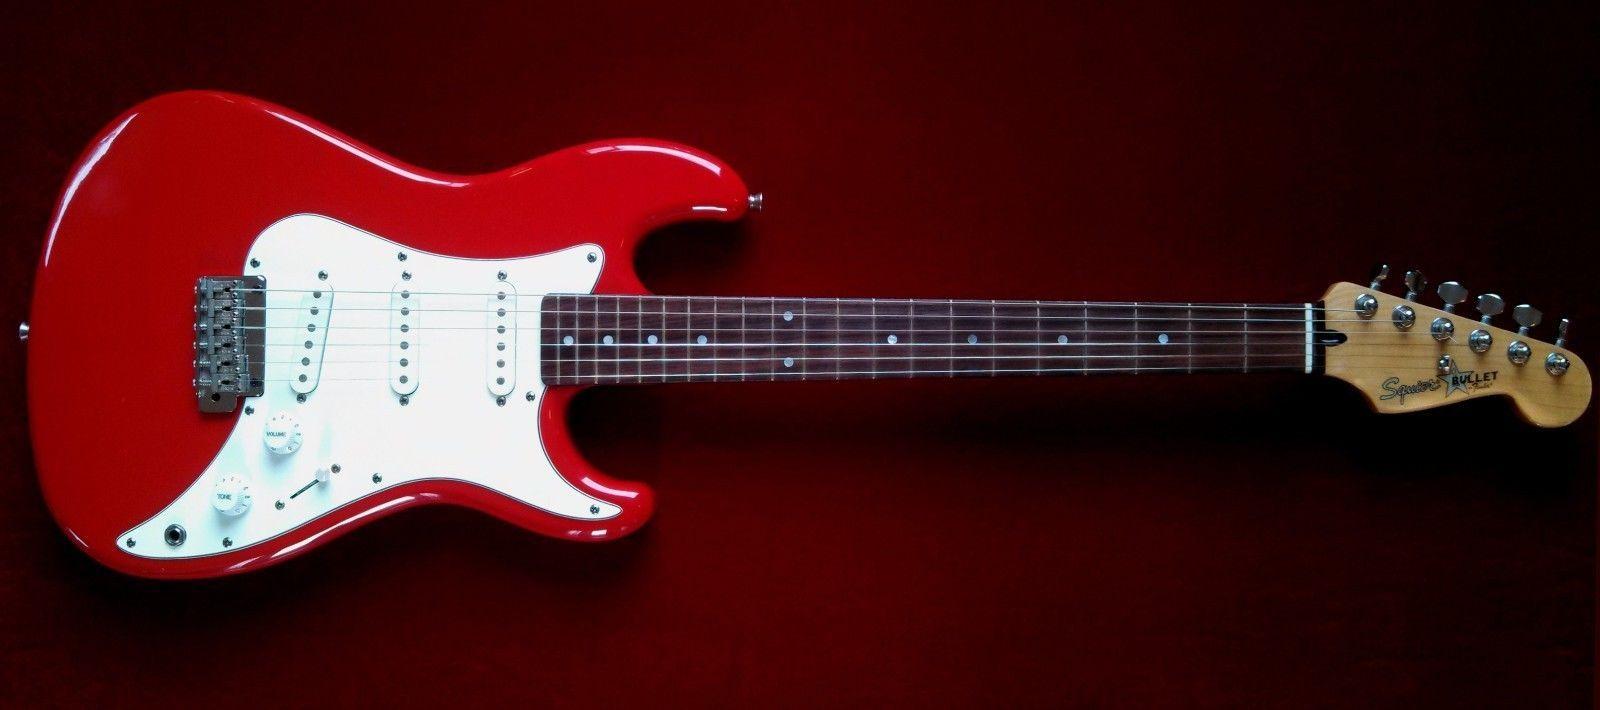 vintage 1987 fender squier bullet 1 one stratocaster electric guitar made in korea mik e7. Black Bedroom Furniture Sets. Home Design Ideas